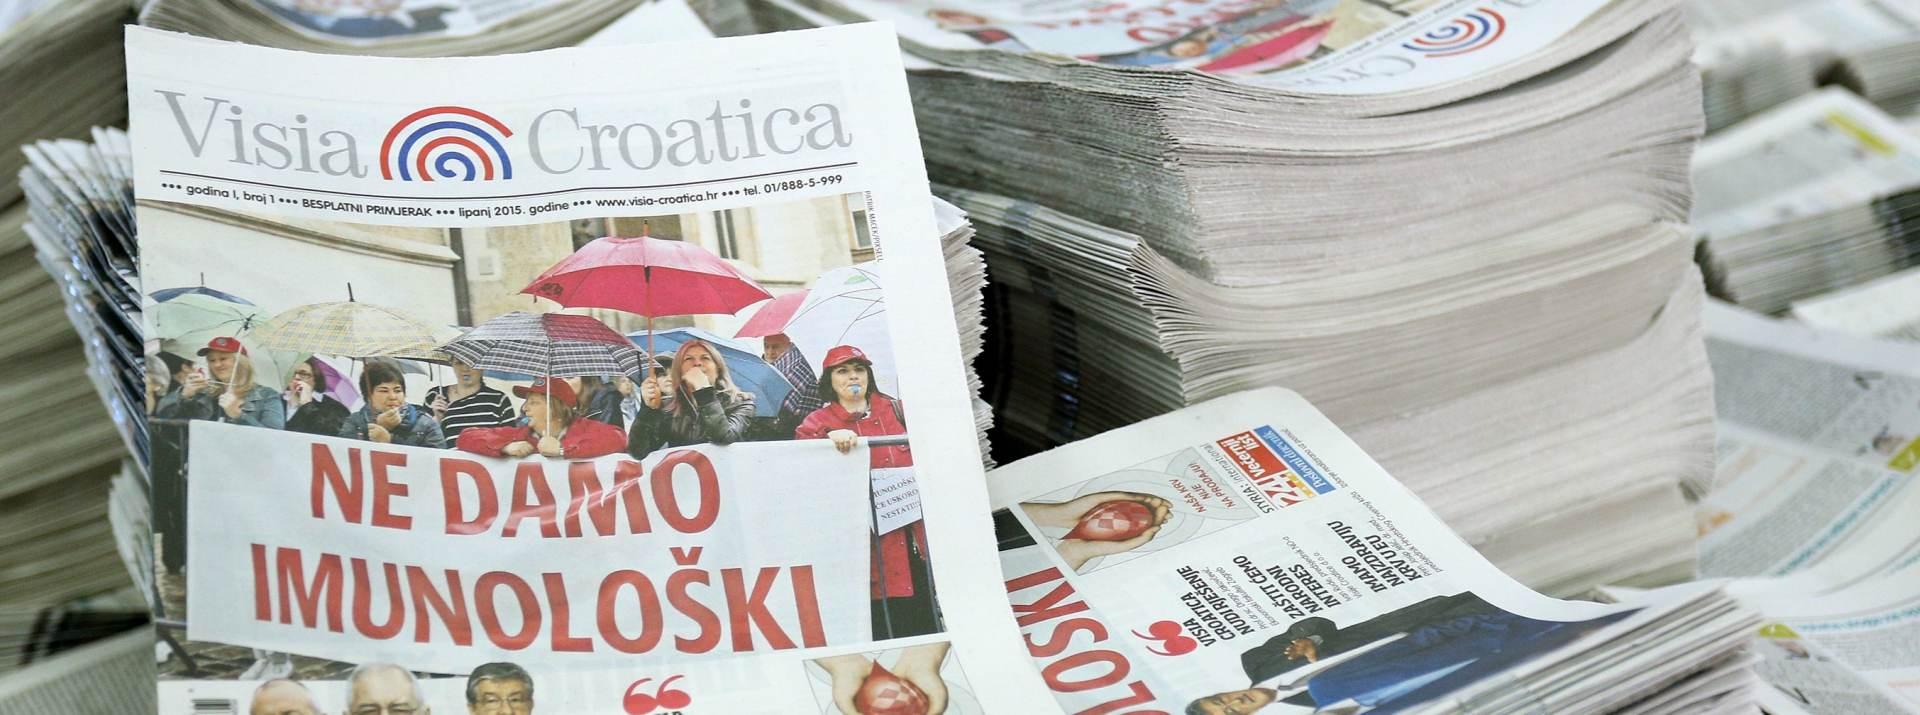 SREDSTVA ZA SPAS IMUNOLOŠKOG ZAVODA: Visia Croatica vraća uloge građanima